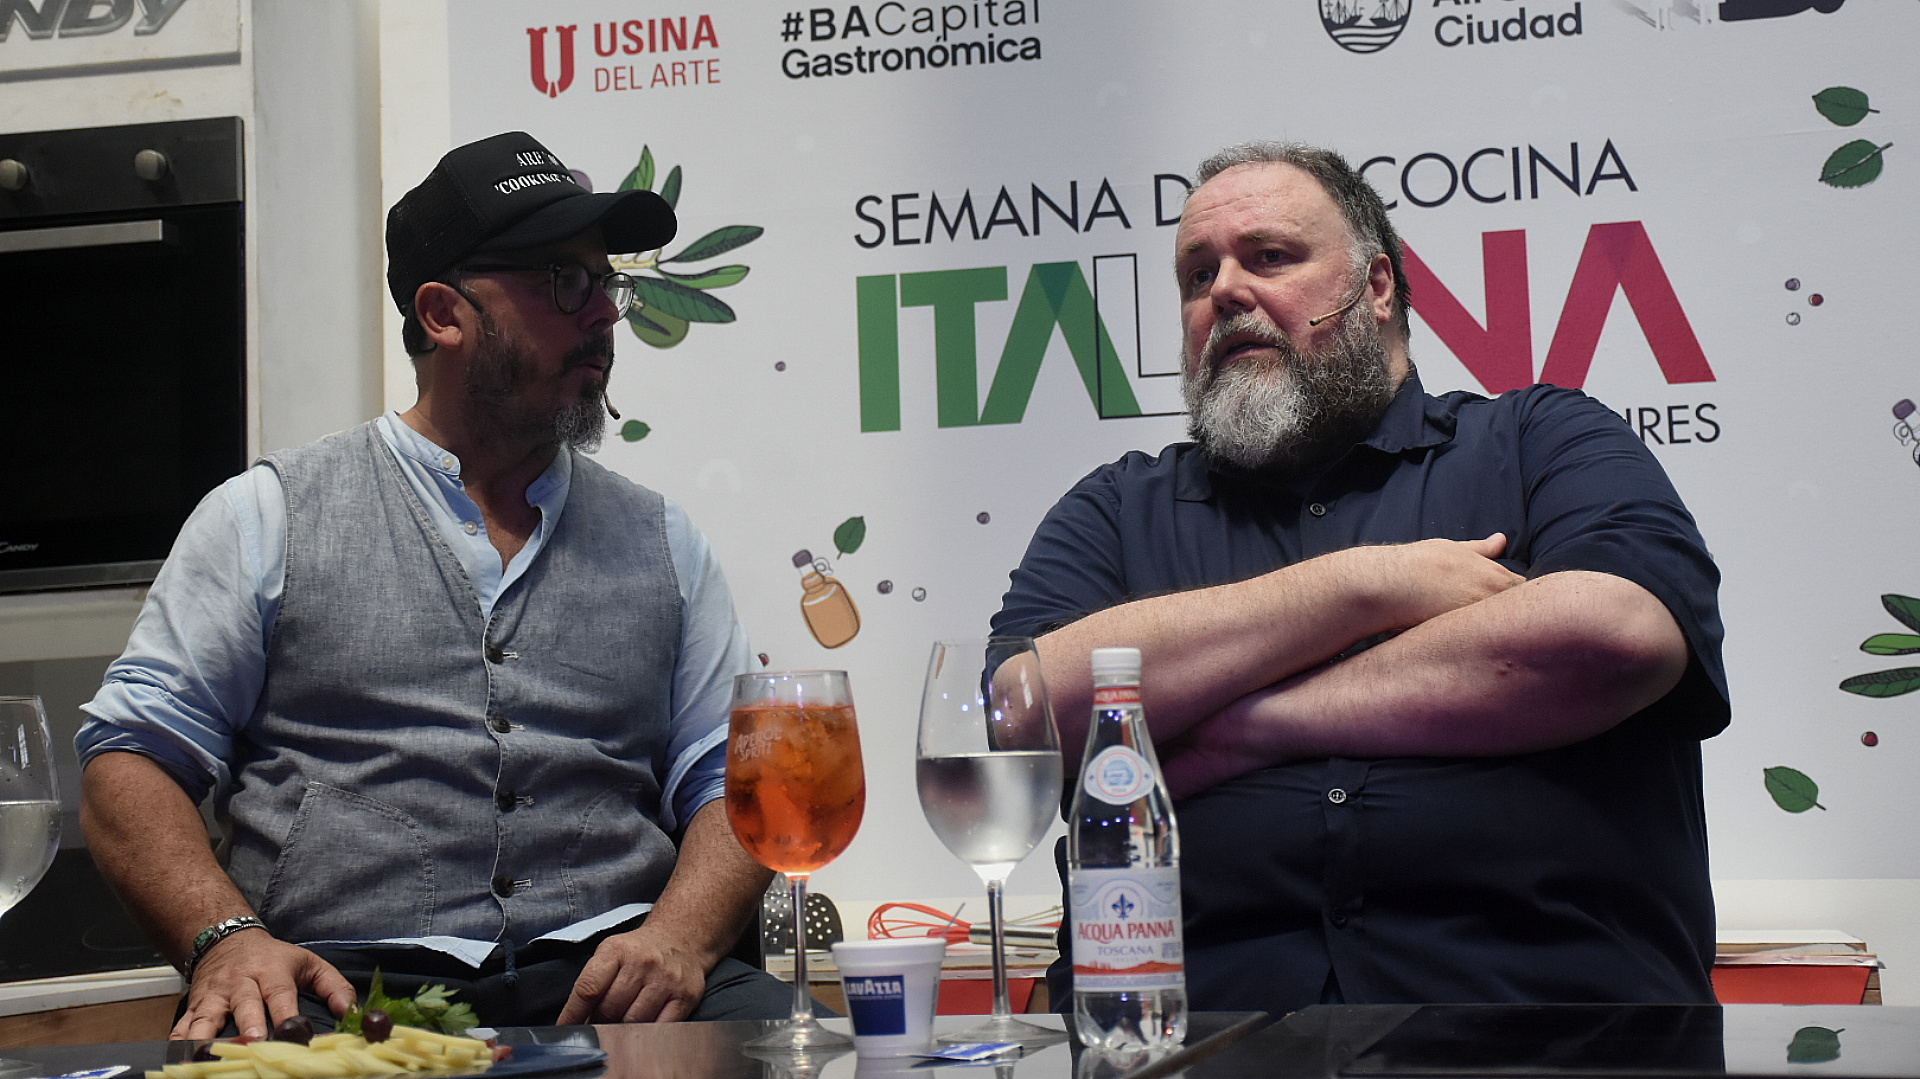 El chef Donato De Santis junto al crítico gastronómico Prieto Sorba participaron de los festejos